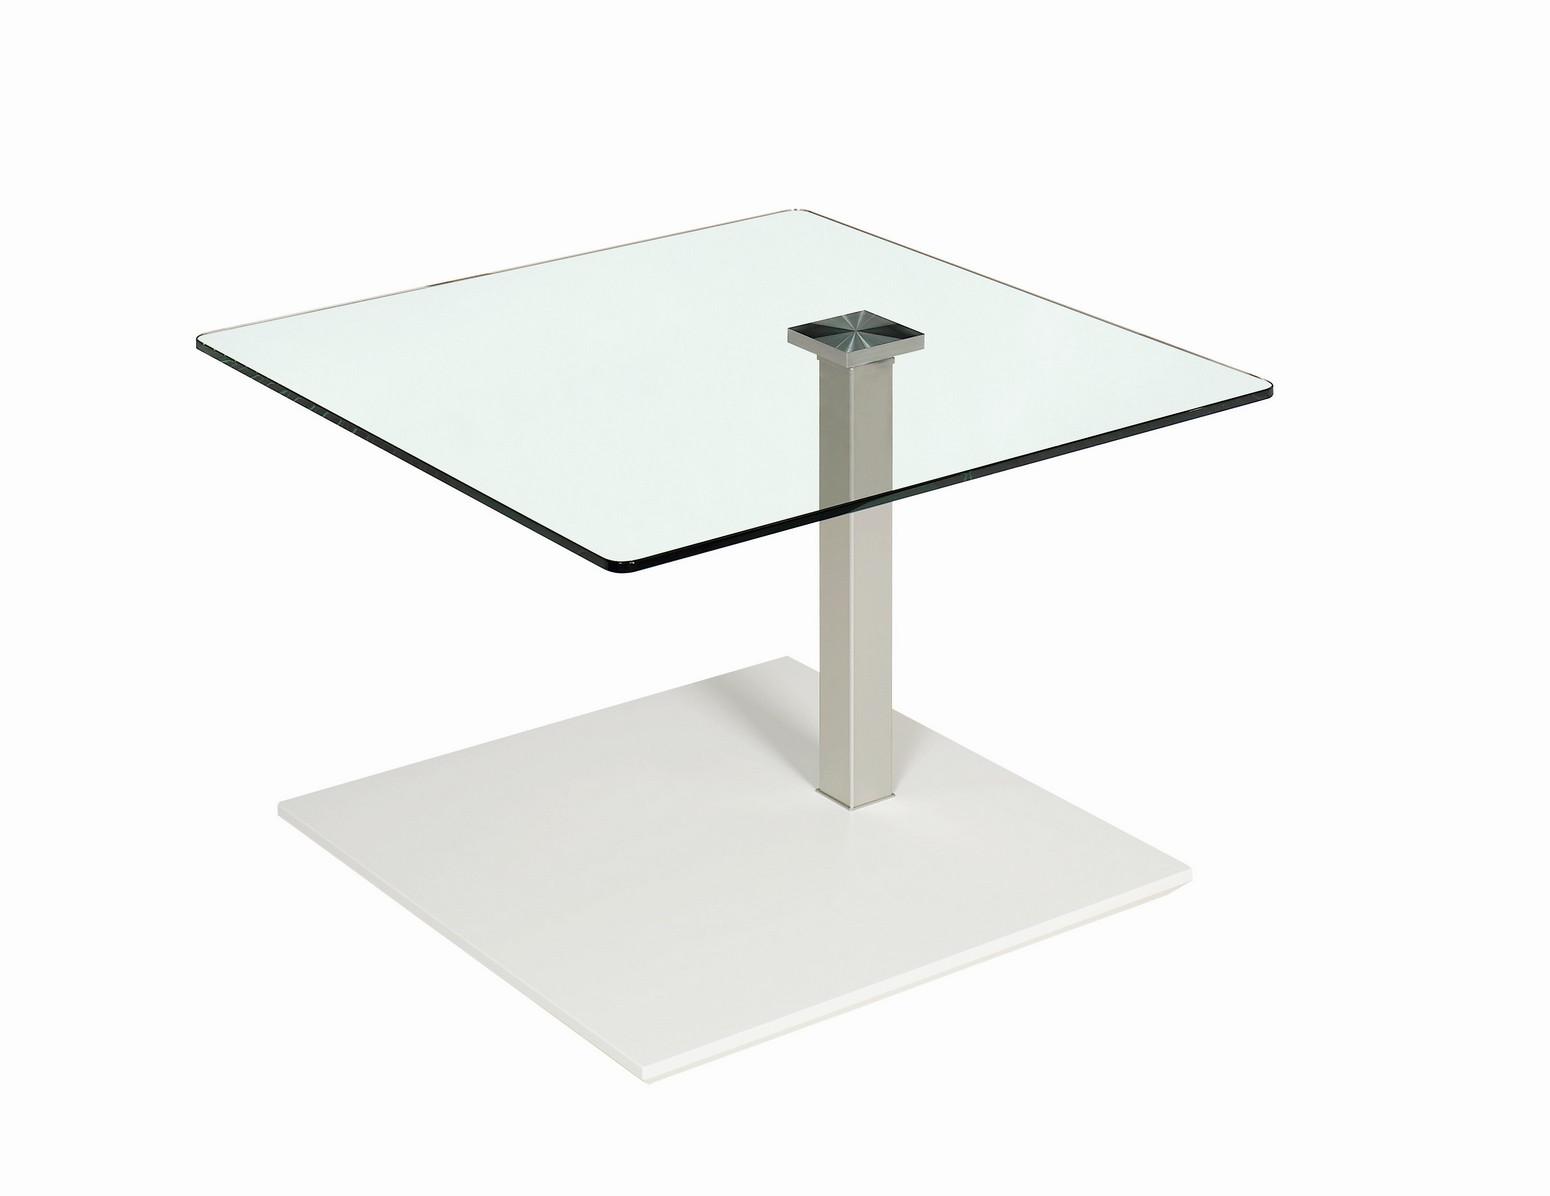 UP Basic - Glastisch - Glas klar 10 mm & Hydro Lift Mechanik